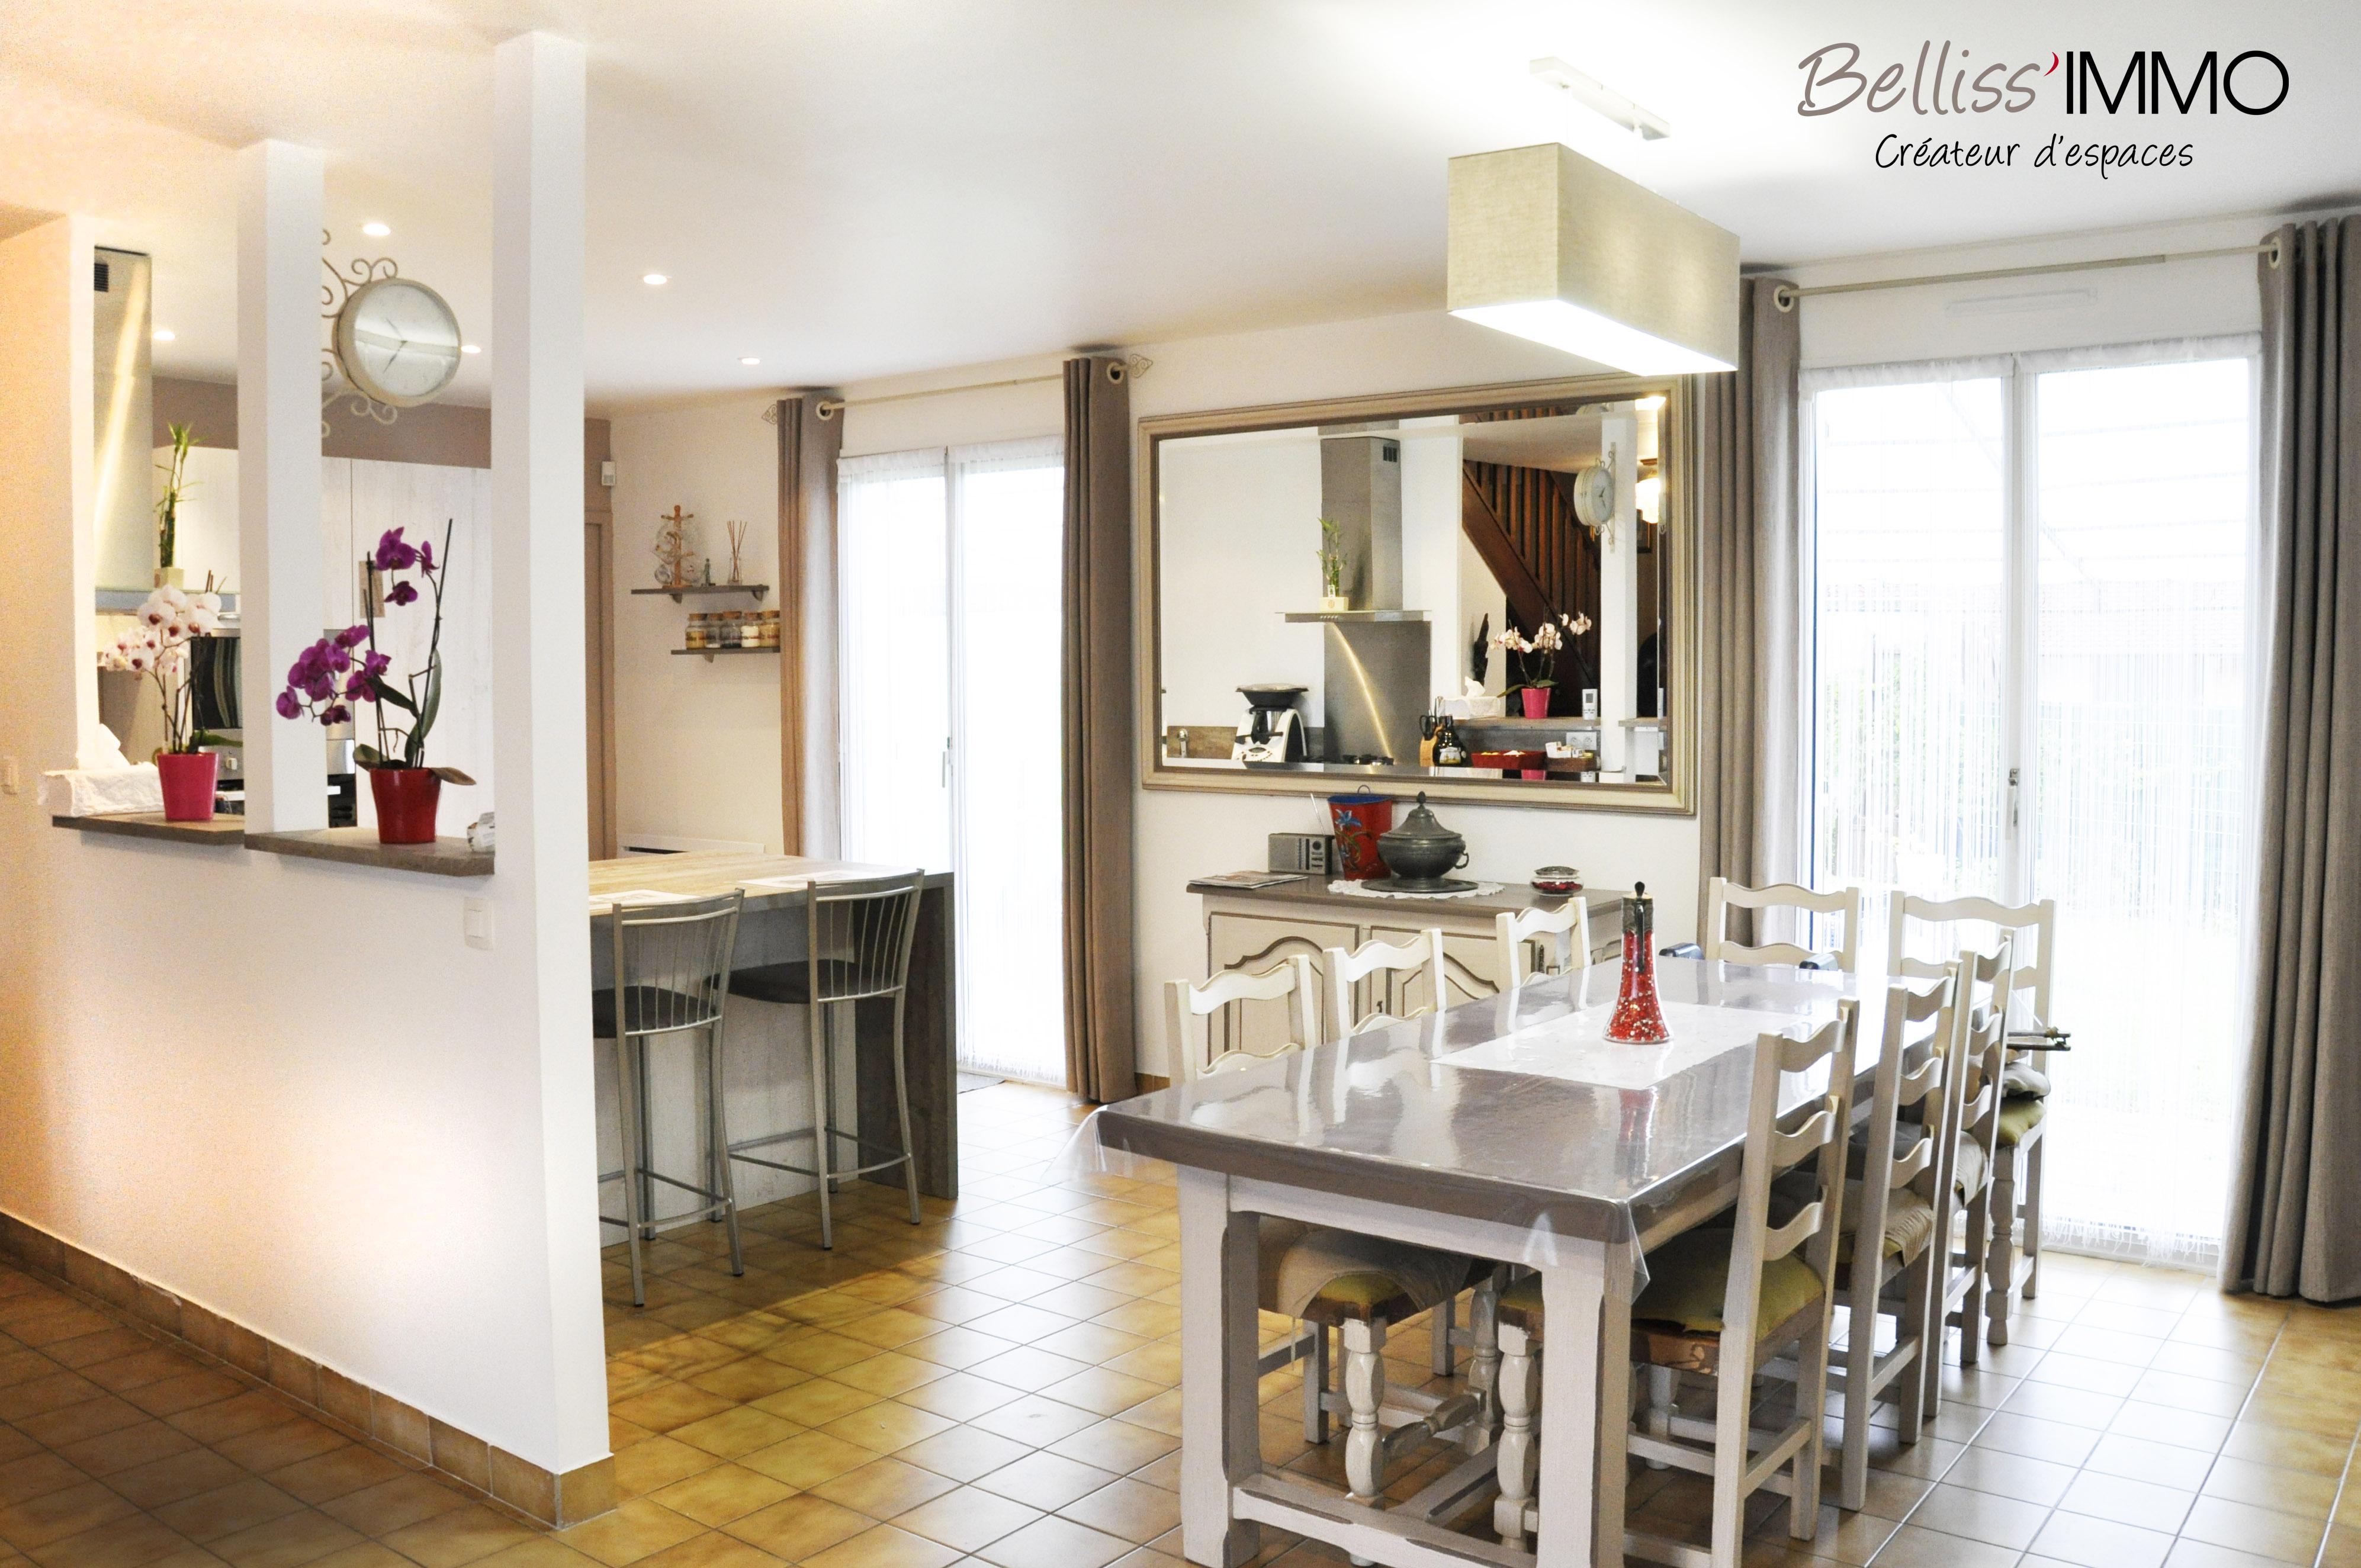 Projet d'aménagement d'une cuisine dans appartement duplex – Paris 6